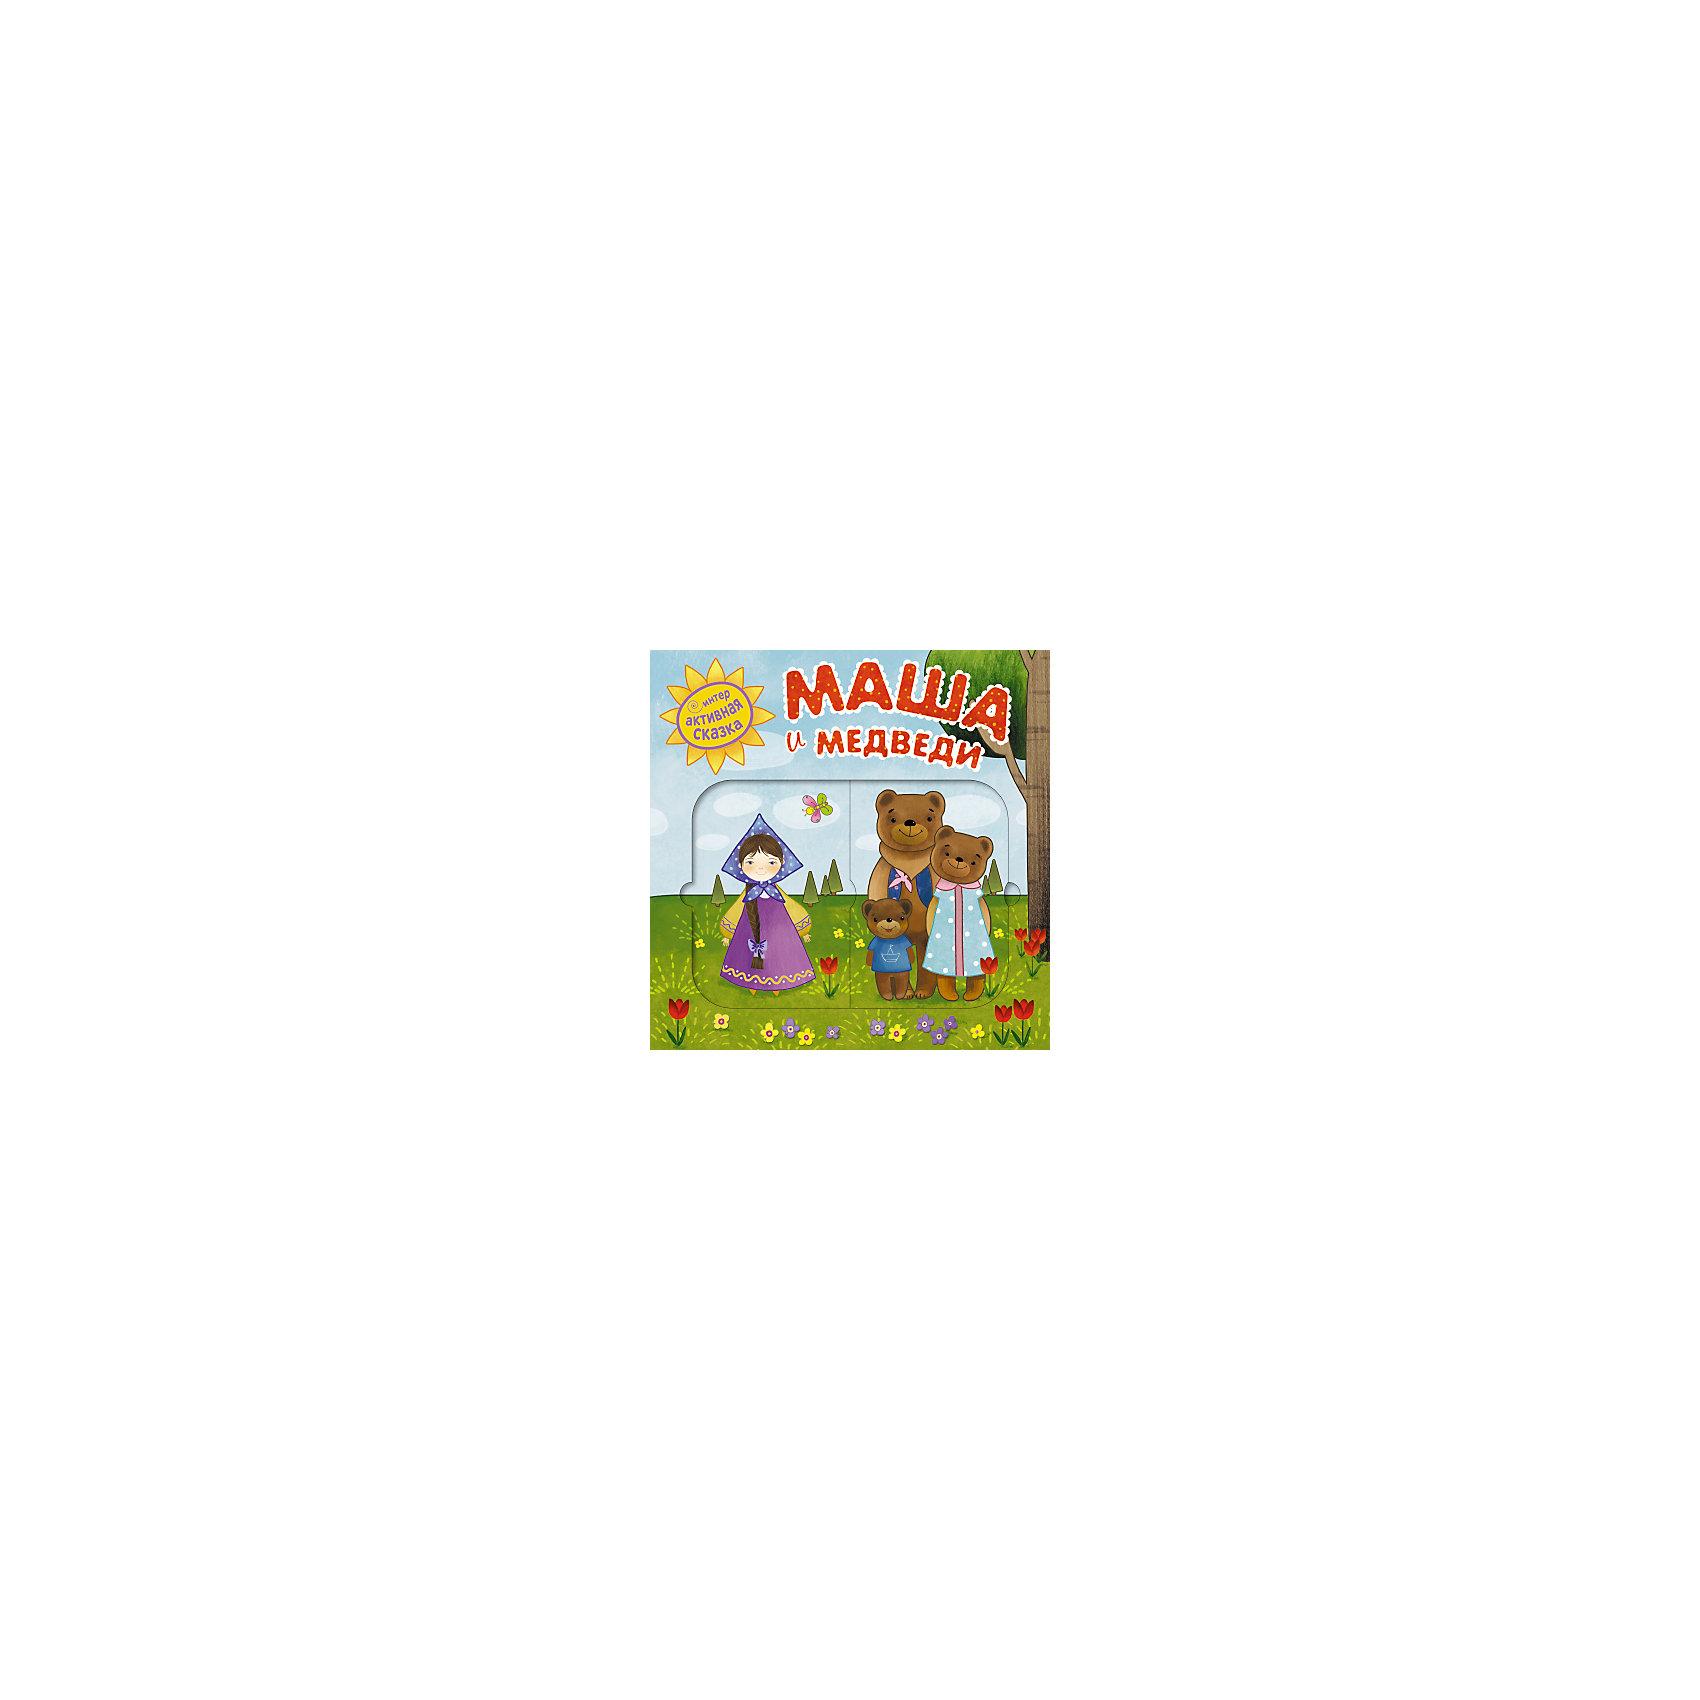 Сказка Маша и медведиРусские сказки<br>Сказка Маша и медведи.<br><br>Характеристики:<br><br>• Издательство: Мозаика-Синтез<br>• Серия: Интерактивные сказки<br>• Тип обложки: картонная обложка<br>• Иллюстрации: цветные<br>• Количество страниц: 12 (картон)<br>• Размер: 200х200х19 мм.<br>• ISBN: 9785431509612<br><br>Любимая русская народная сказка о Маше и медведях оживает на страницах интерактивной книги с колесиком, движущимися элементами, окошками и клапанами. Внутри маленького читателя ждет множество сюрпризов! Потянув за клапаны и приведя в движение подвижные элементы, малыш сможет увидеть, как Маша съест всю похлебку, покачается на стульчике, убежит от медведей и многое другое. Книга «Маша и медведи» серии «Интерактивные сказки» не оставит равнодушными Вас и Вашего ребенка, ведь ее можно не только читать, с ней можно играть как с игрушкой. Это способствует развитию речи, мелкой моторики и воображения, а также пробуждению интереса к чтению.<br><br>Книжку Сказка Маша и медведи можно купить в нашем интернет-магазине.<br><br>Ширина мм: 190<br>Глубина мм: 200<br>Высота мм: 200<br>Вес г: 445<br>Возраст от месяцев: 24<br>Возраст до месяцев: 60<br>Пол: Унисекс<br>Возраст: Детский<br>SKU: 5489600